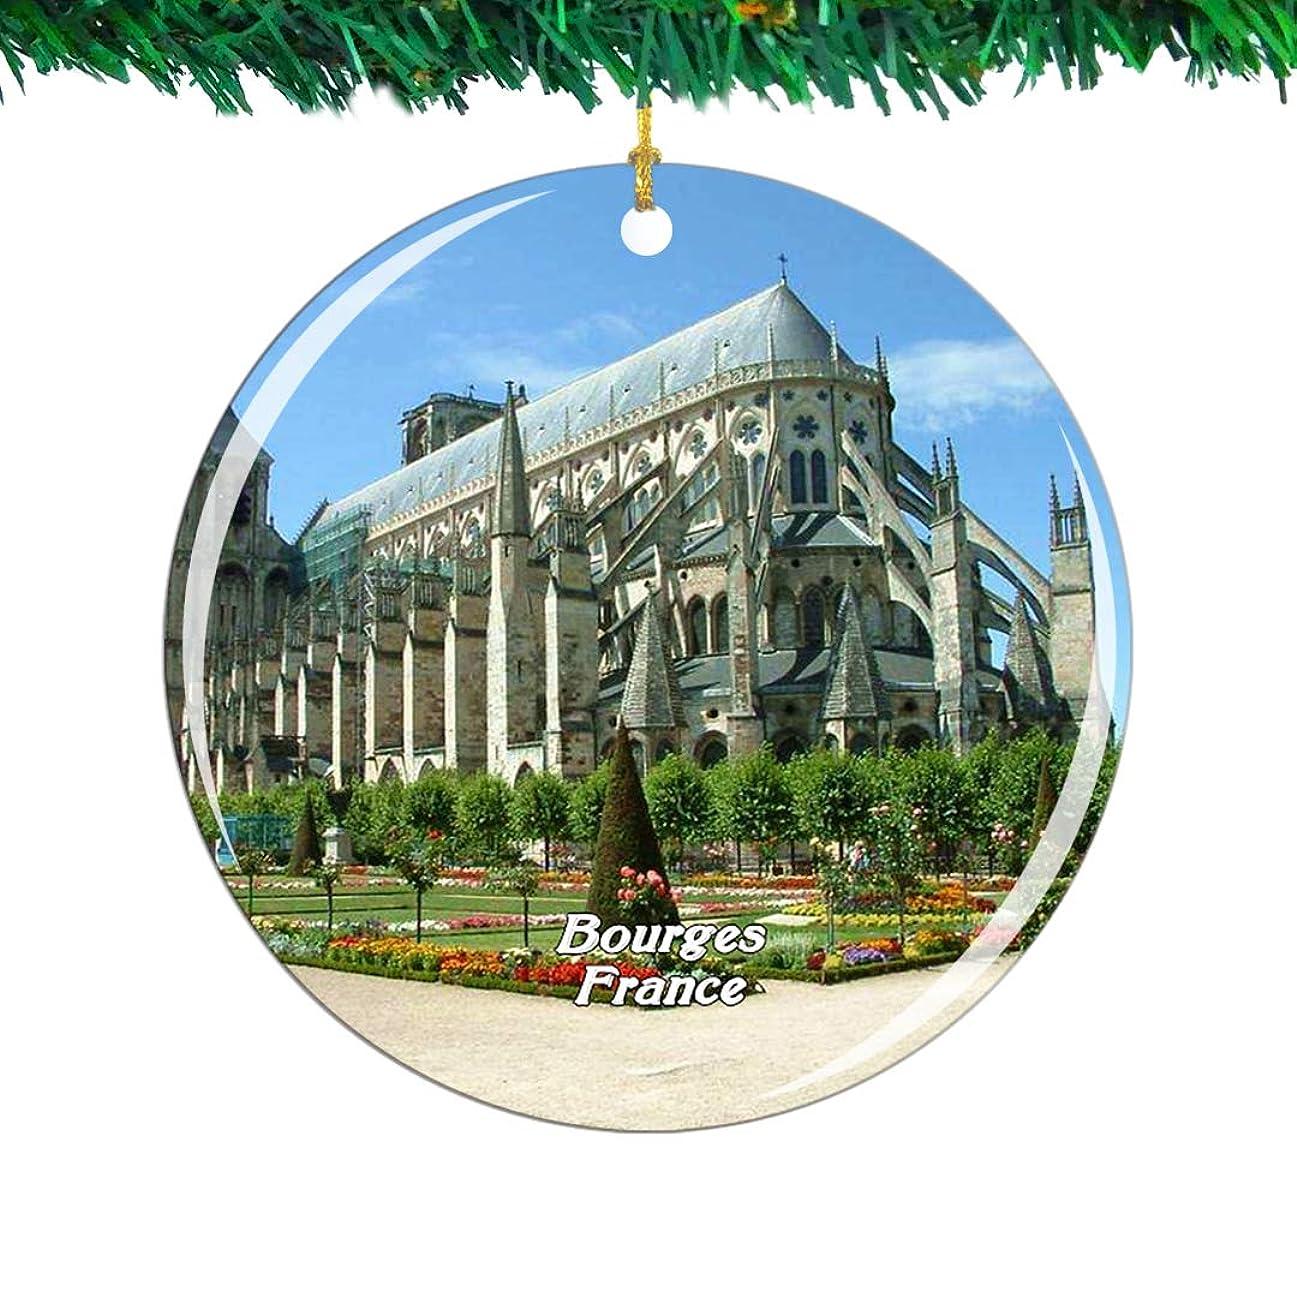 実装するバリケード略奪Weekino フランス大聖堂ブールジュクリスマスオーナメントシティ旅行お土産コレクション両面 磁器2.85インチ ぶら下がっている木の装飾